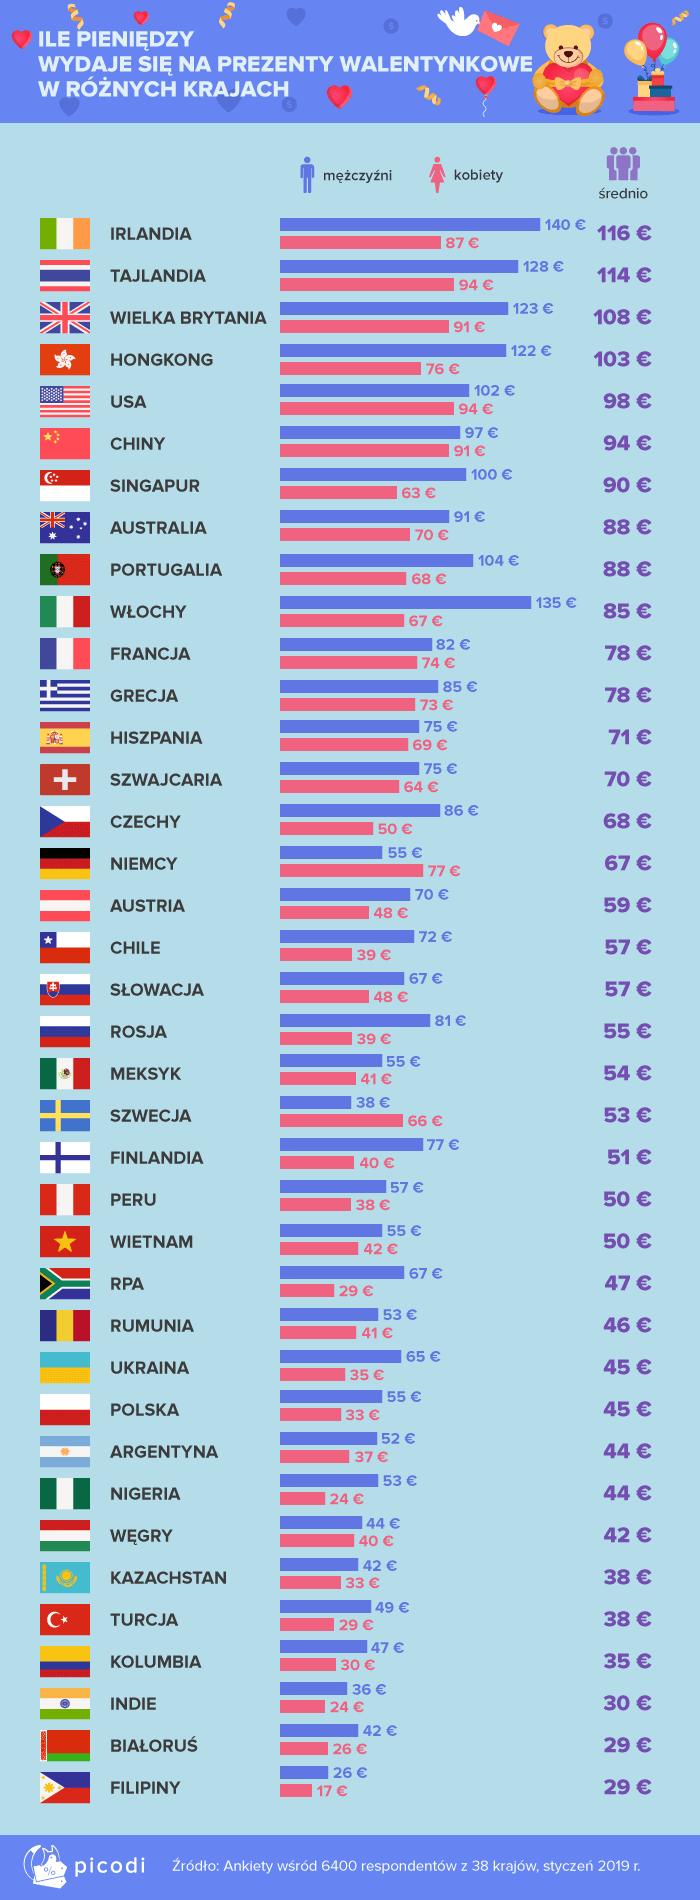 Ile pieniędzy wydaje się na prezenty na walentynki na świecie